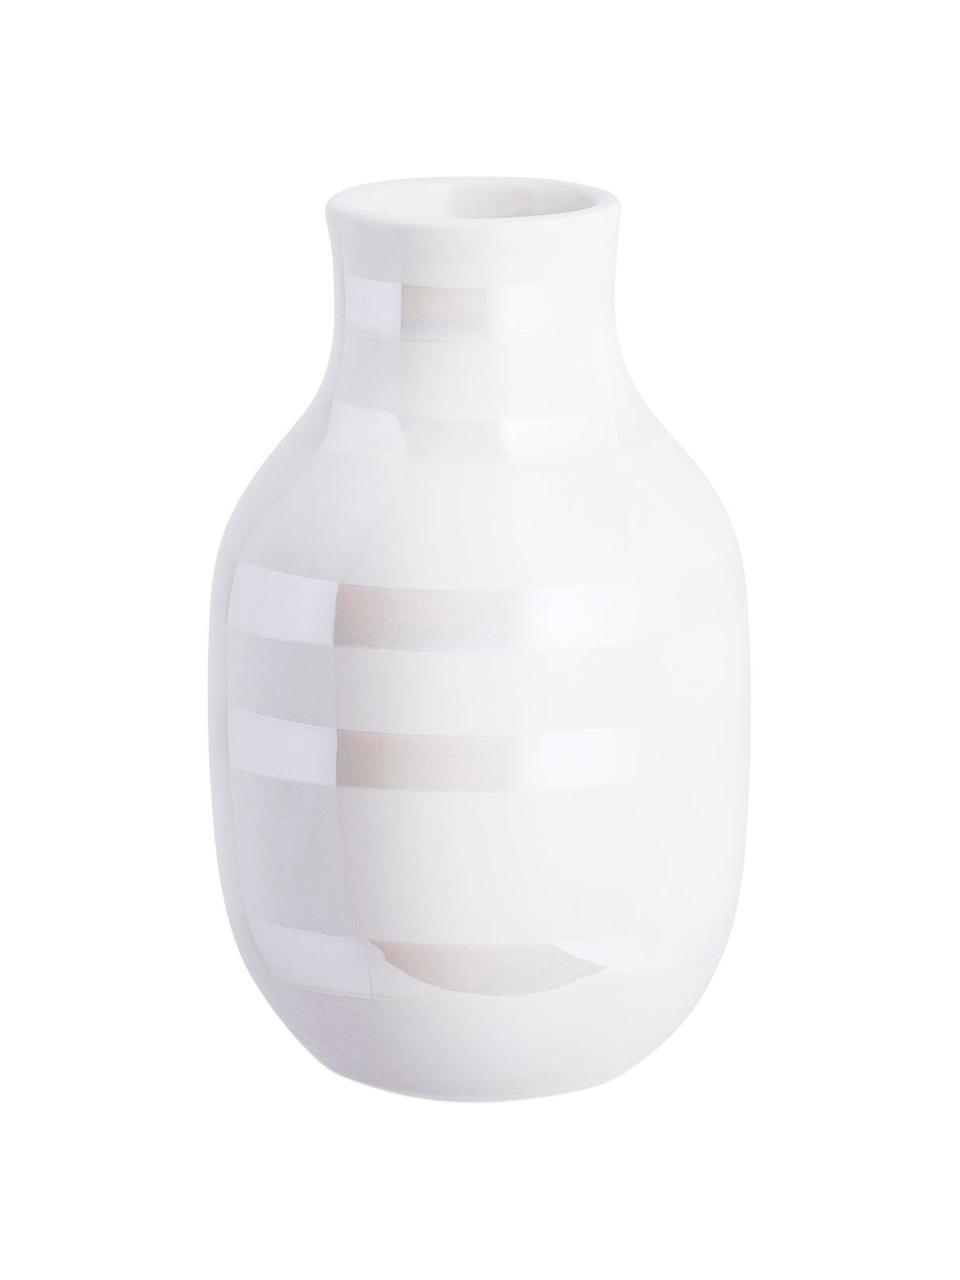 Vaso di design fatto a mano Omaggio, Ceramica, Bianco, colori madreperla, Ø 8 x Alt. 13 cm